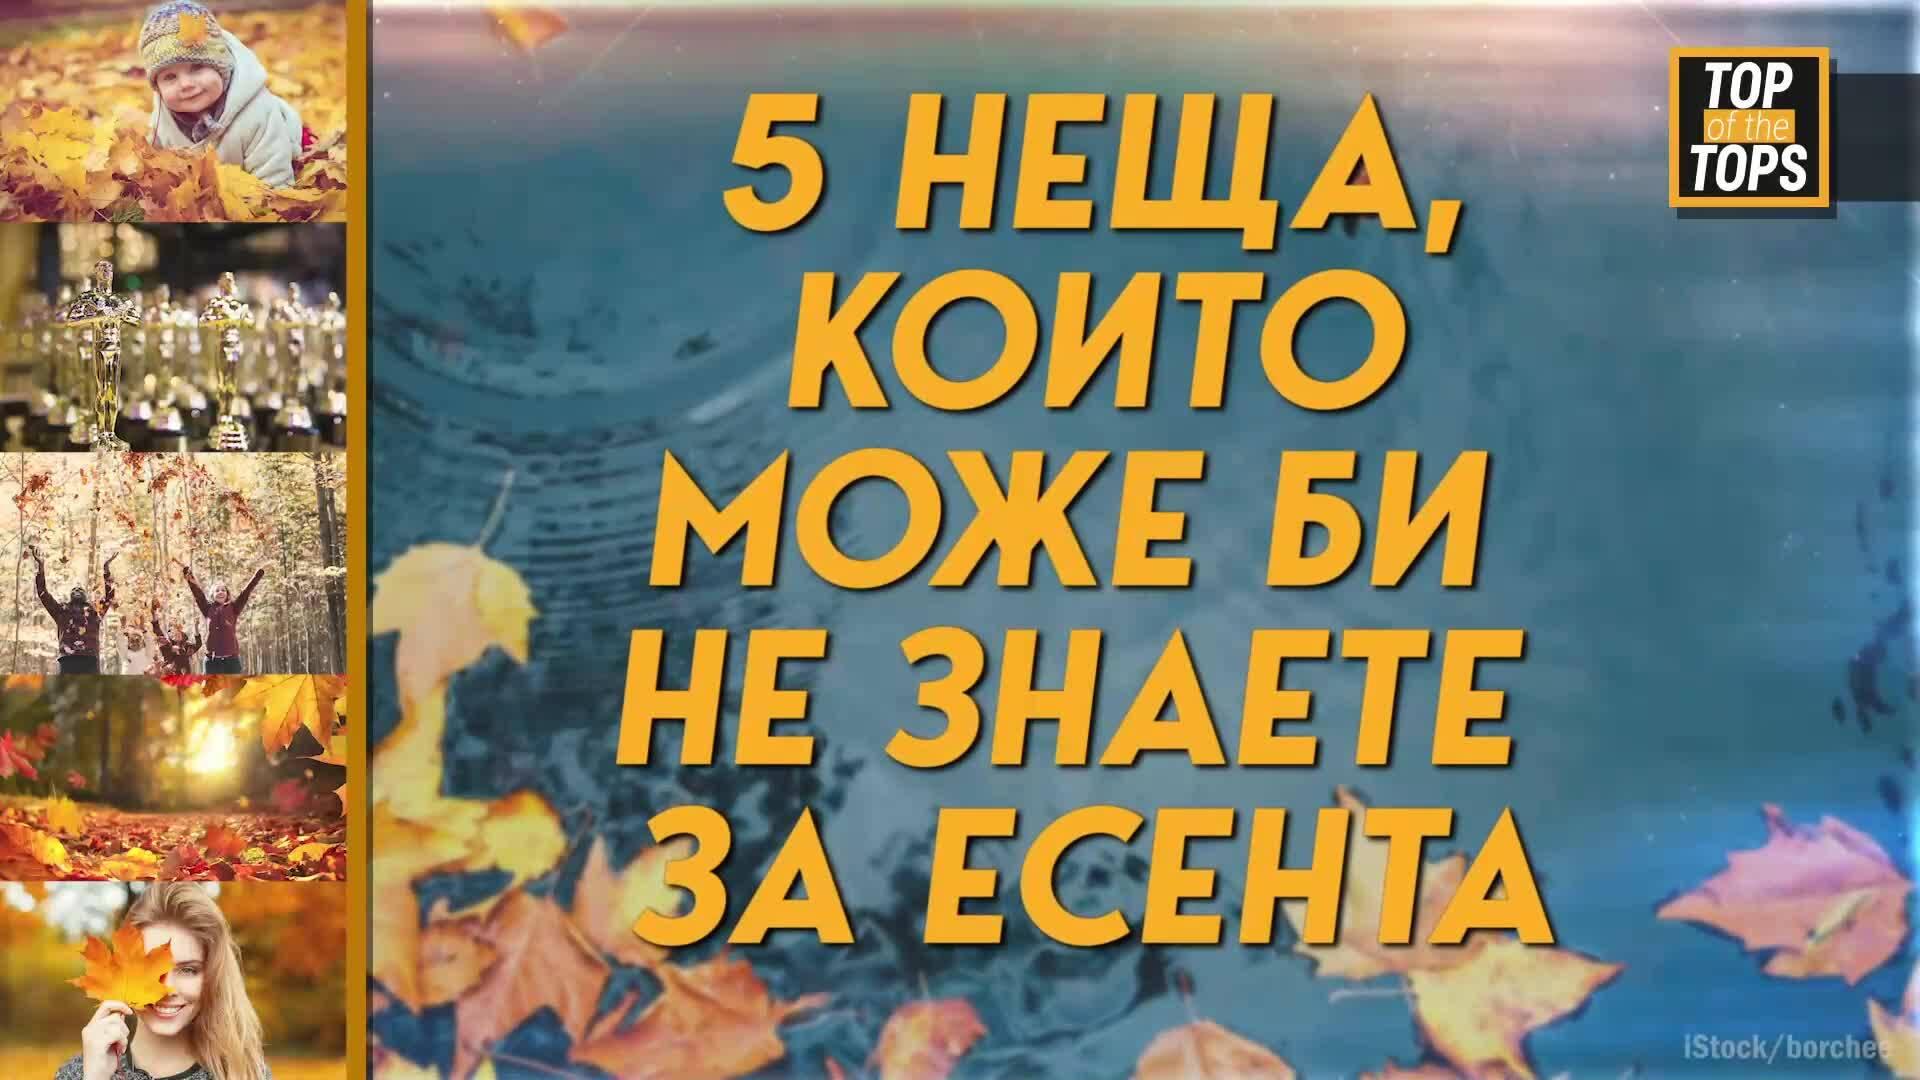 5 неща, които може би не знаете за есента